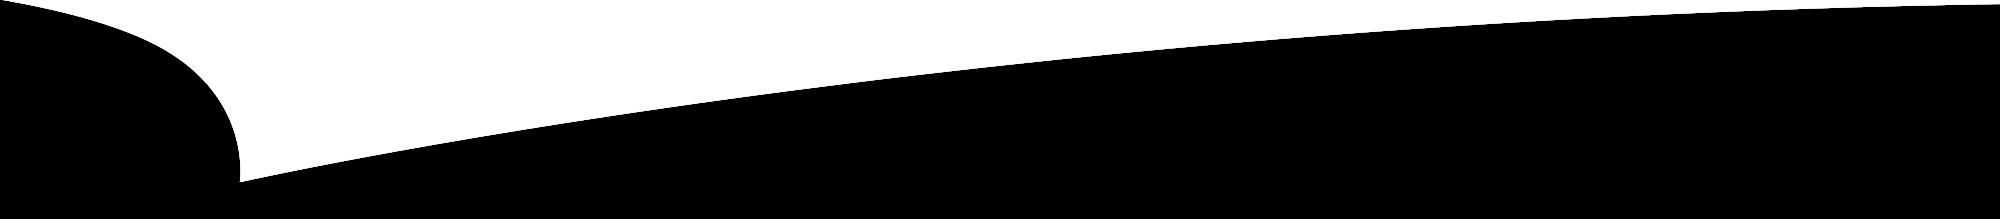 underline-white-shape